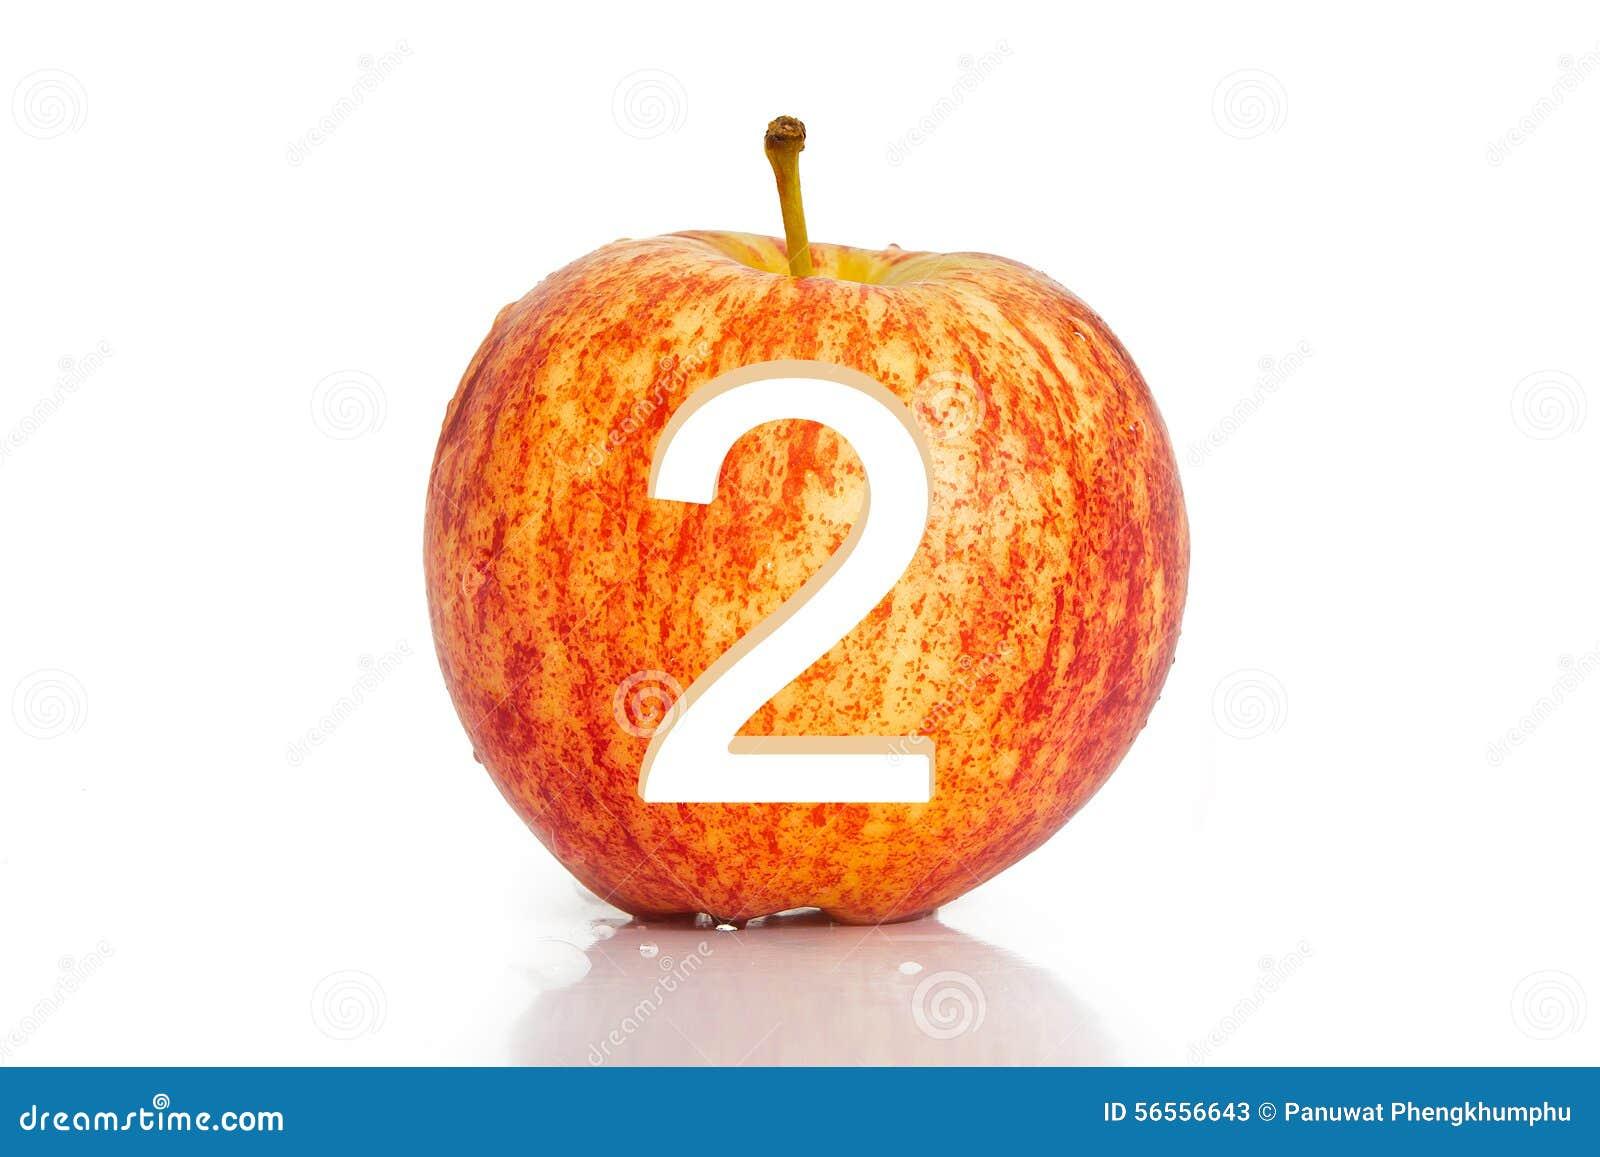 Download Τρύπα αριθμού στο μήλο που απομονώνεται στο άσπρο υπόβαθρο Στοκ Εικόνα - εικόνα από κανένας, δαγκώματα: 56556643